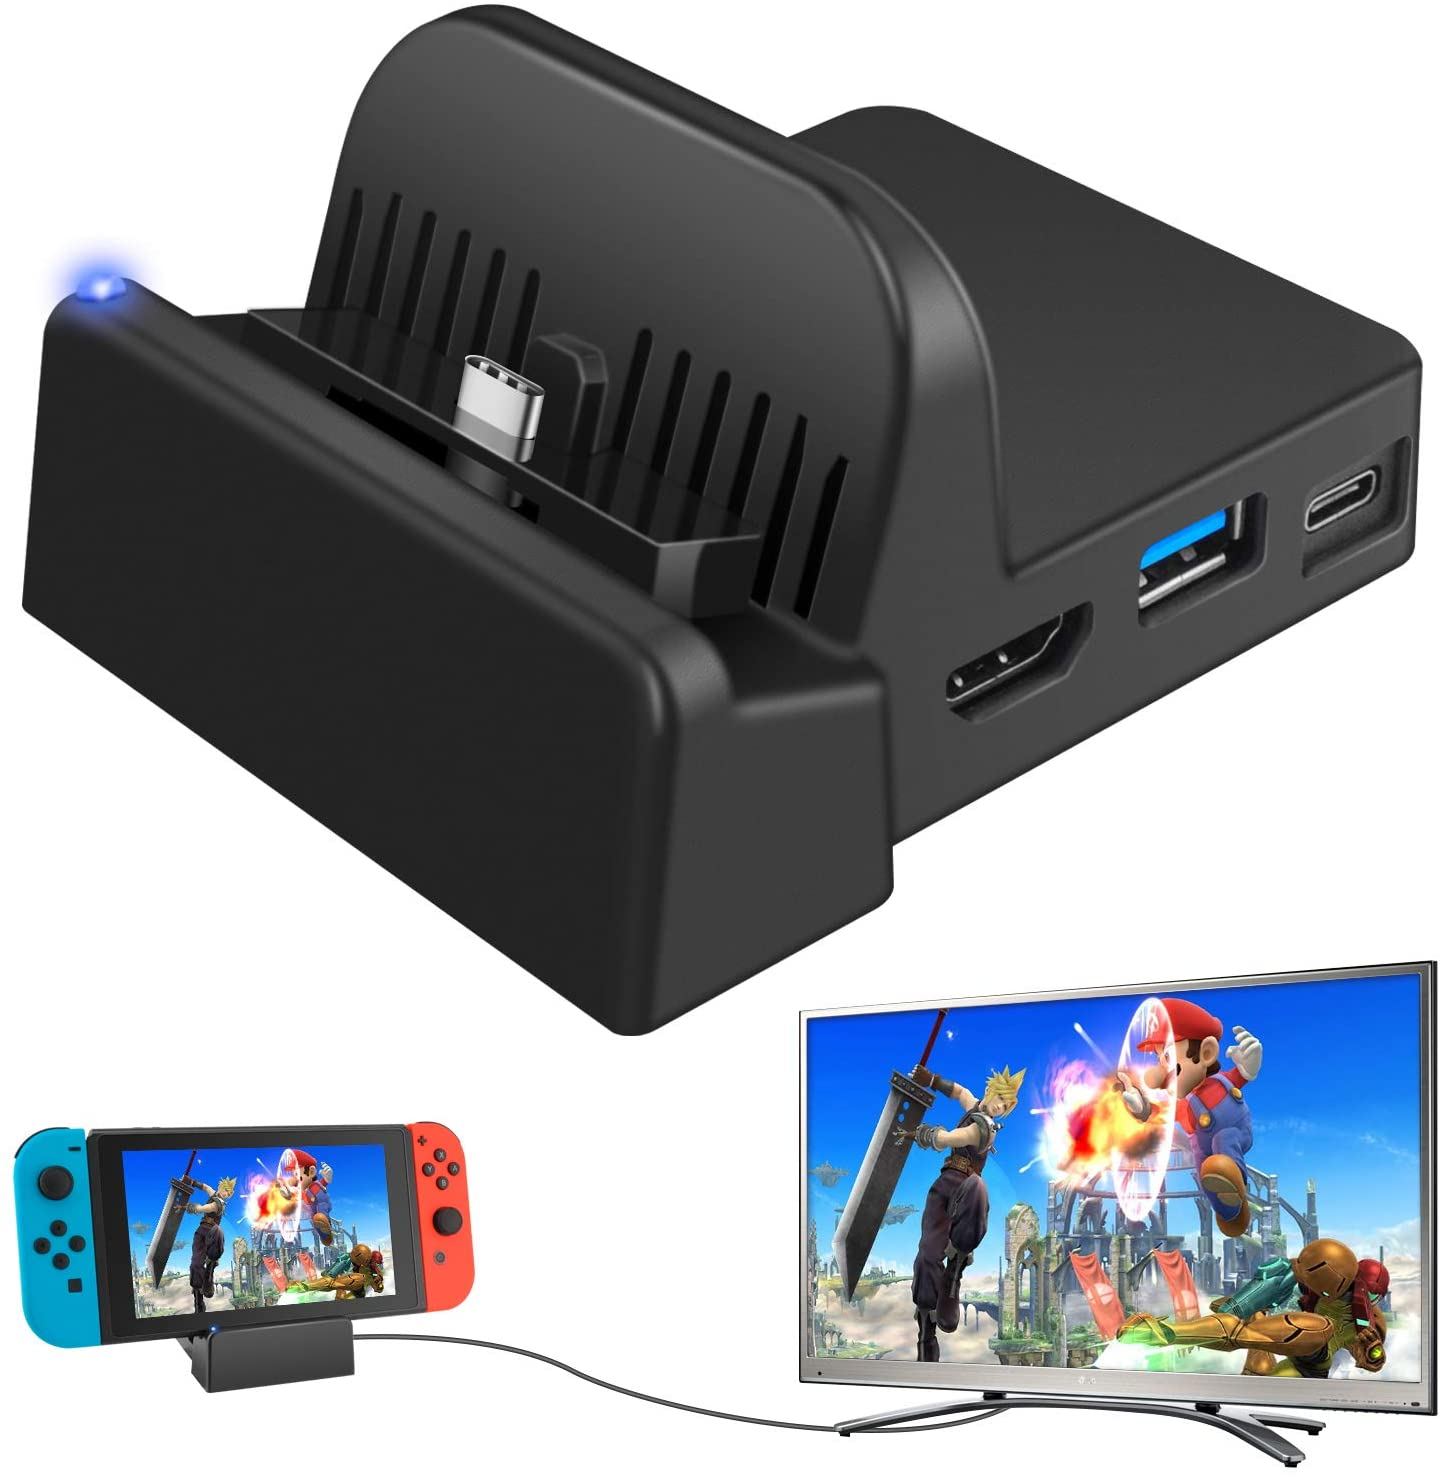 Station d'accueil Nintendo Switch de Ponkor